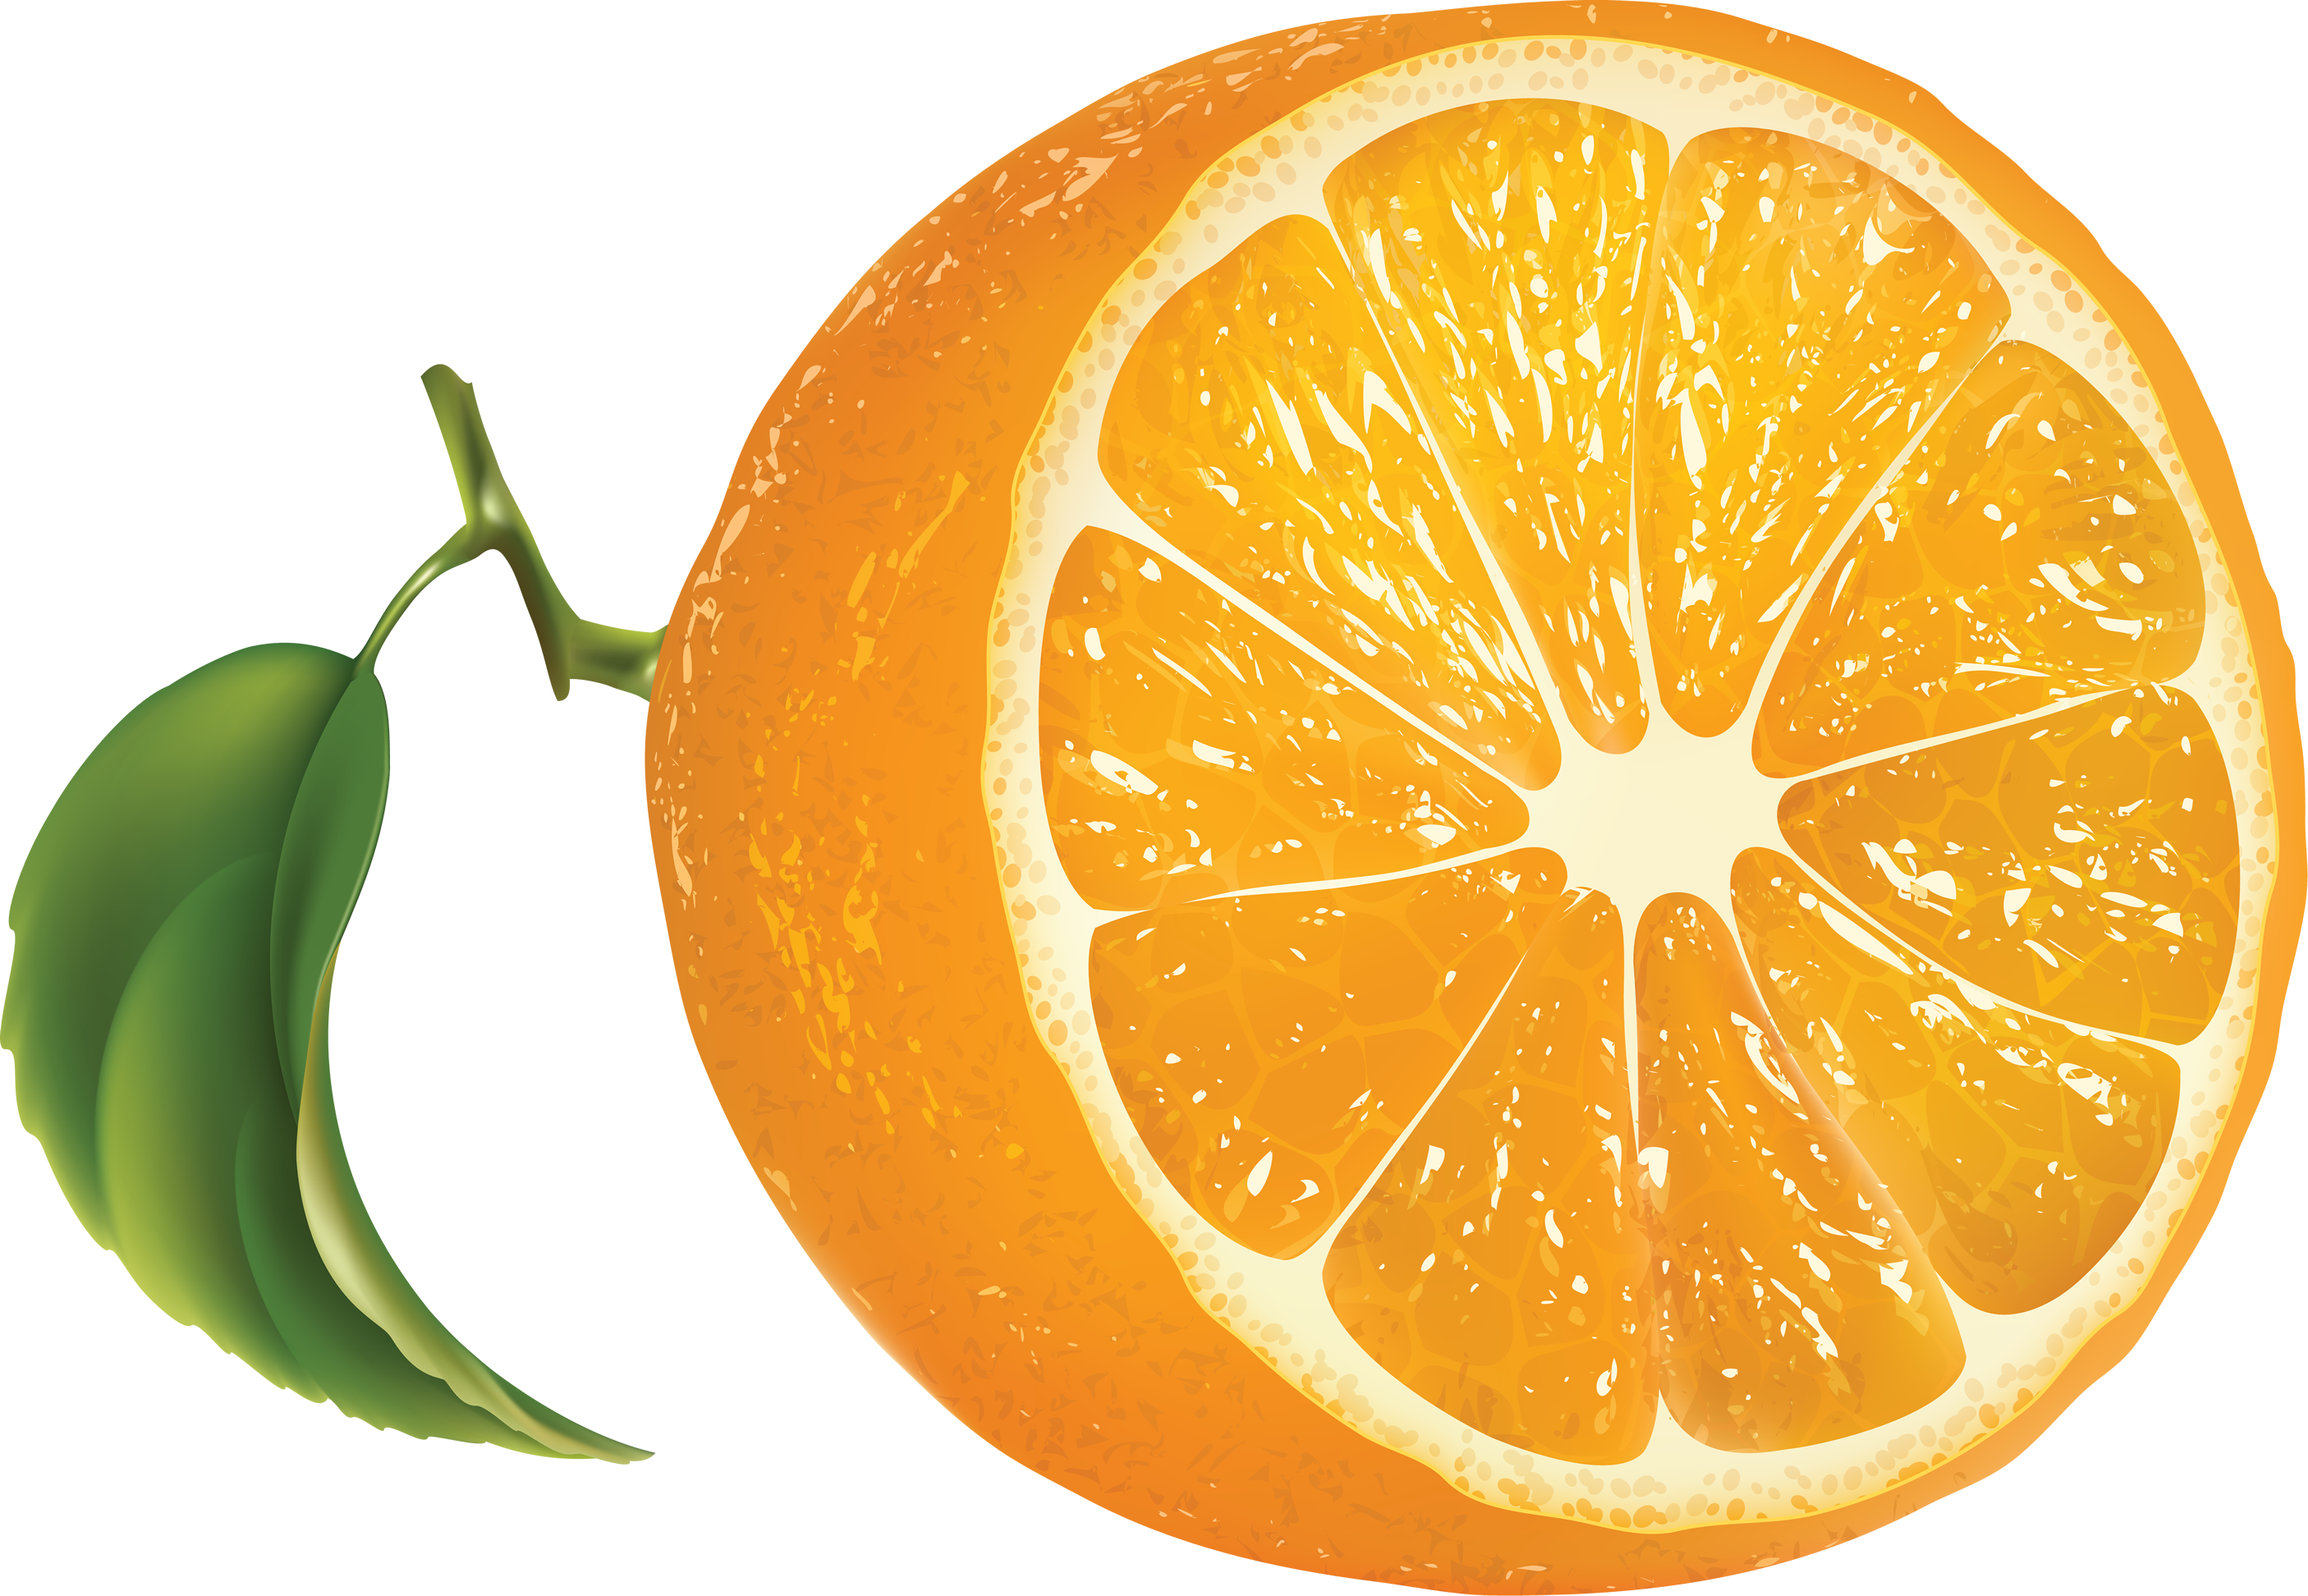 Orange Oranges Png Image Orange Orange Fruit Oranges